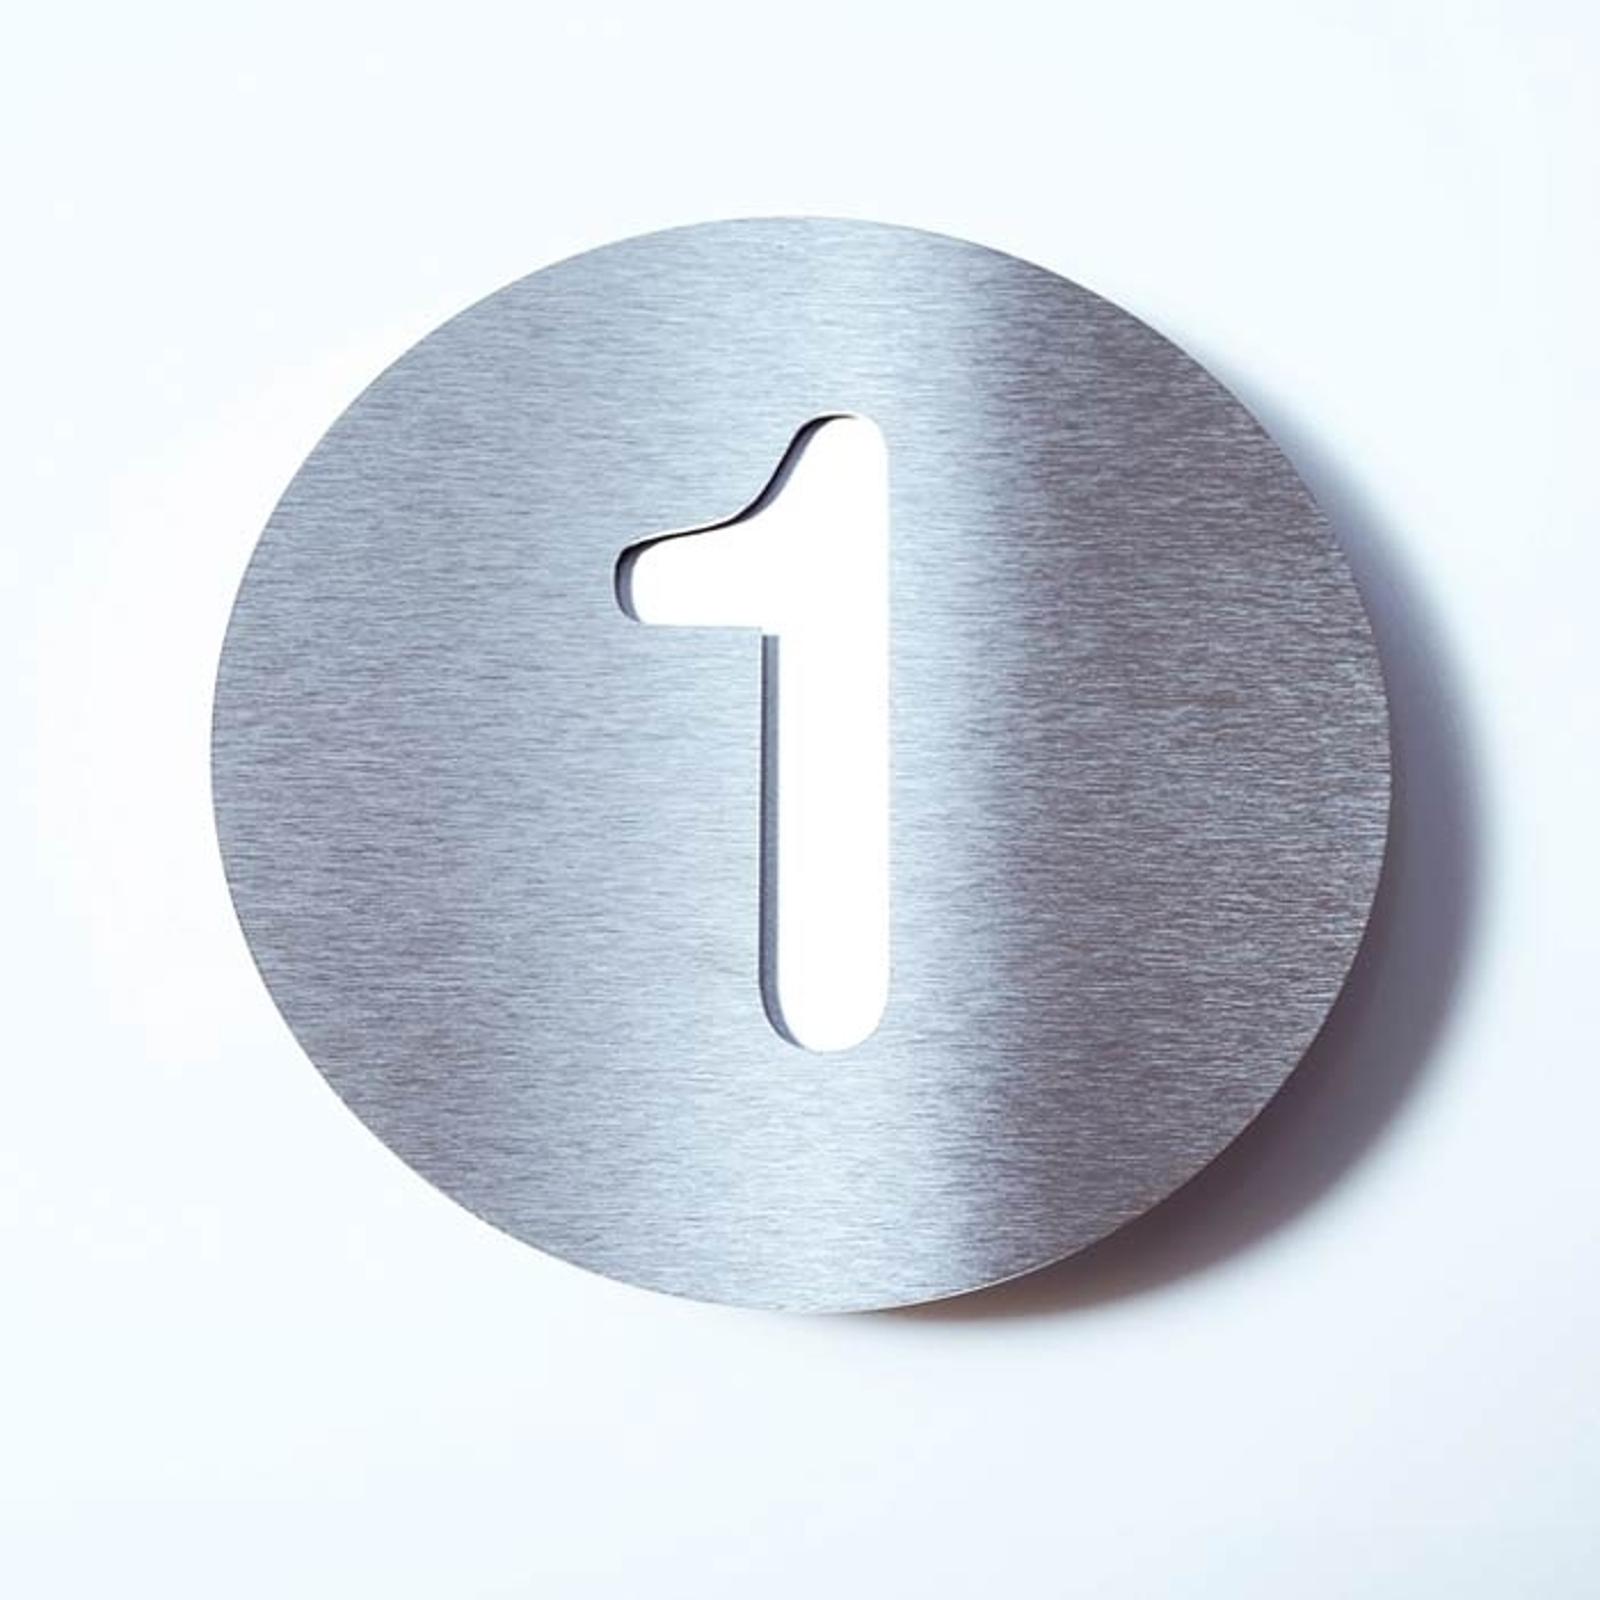 Číslo domu Round z ušľachtilej ocele_1057079_1